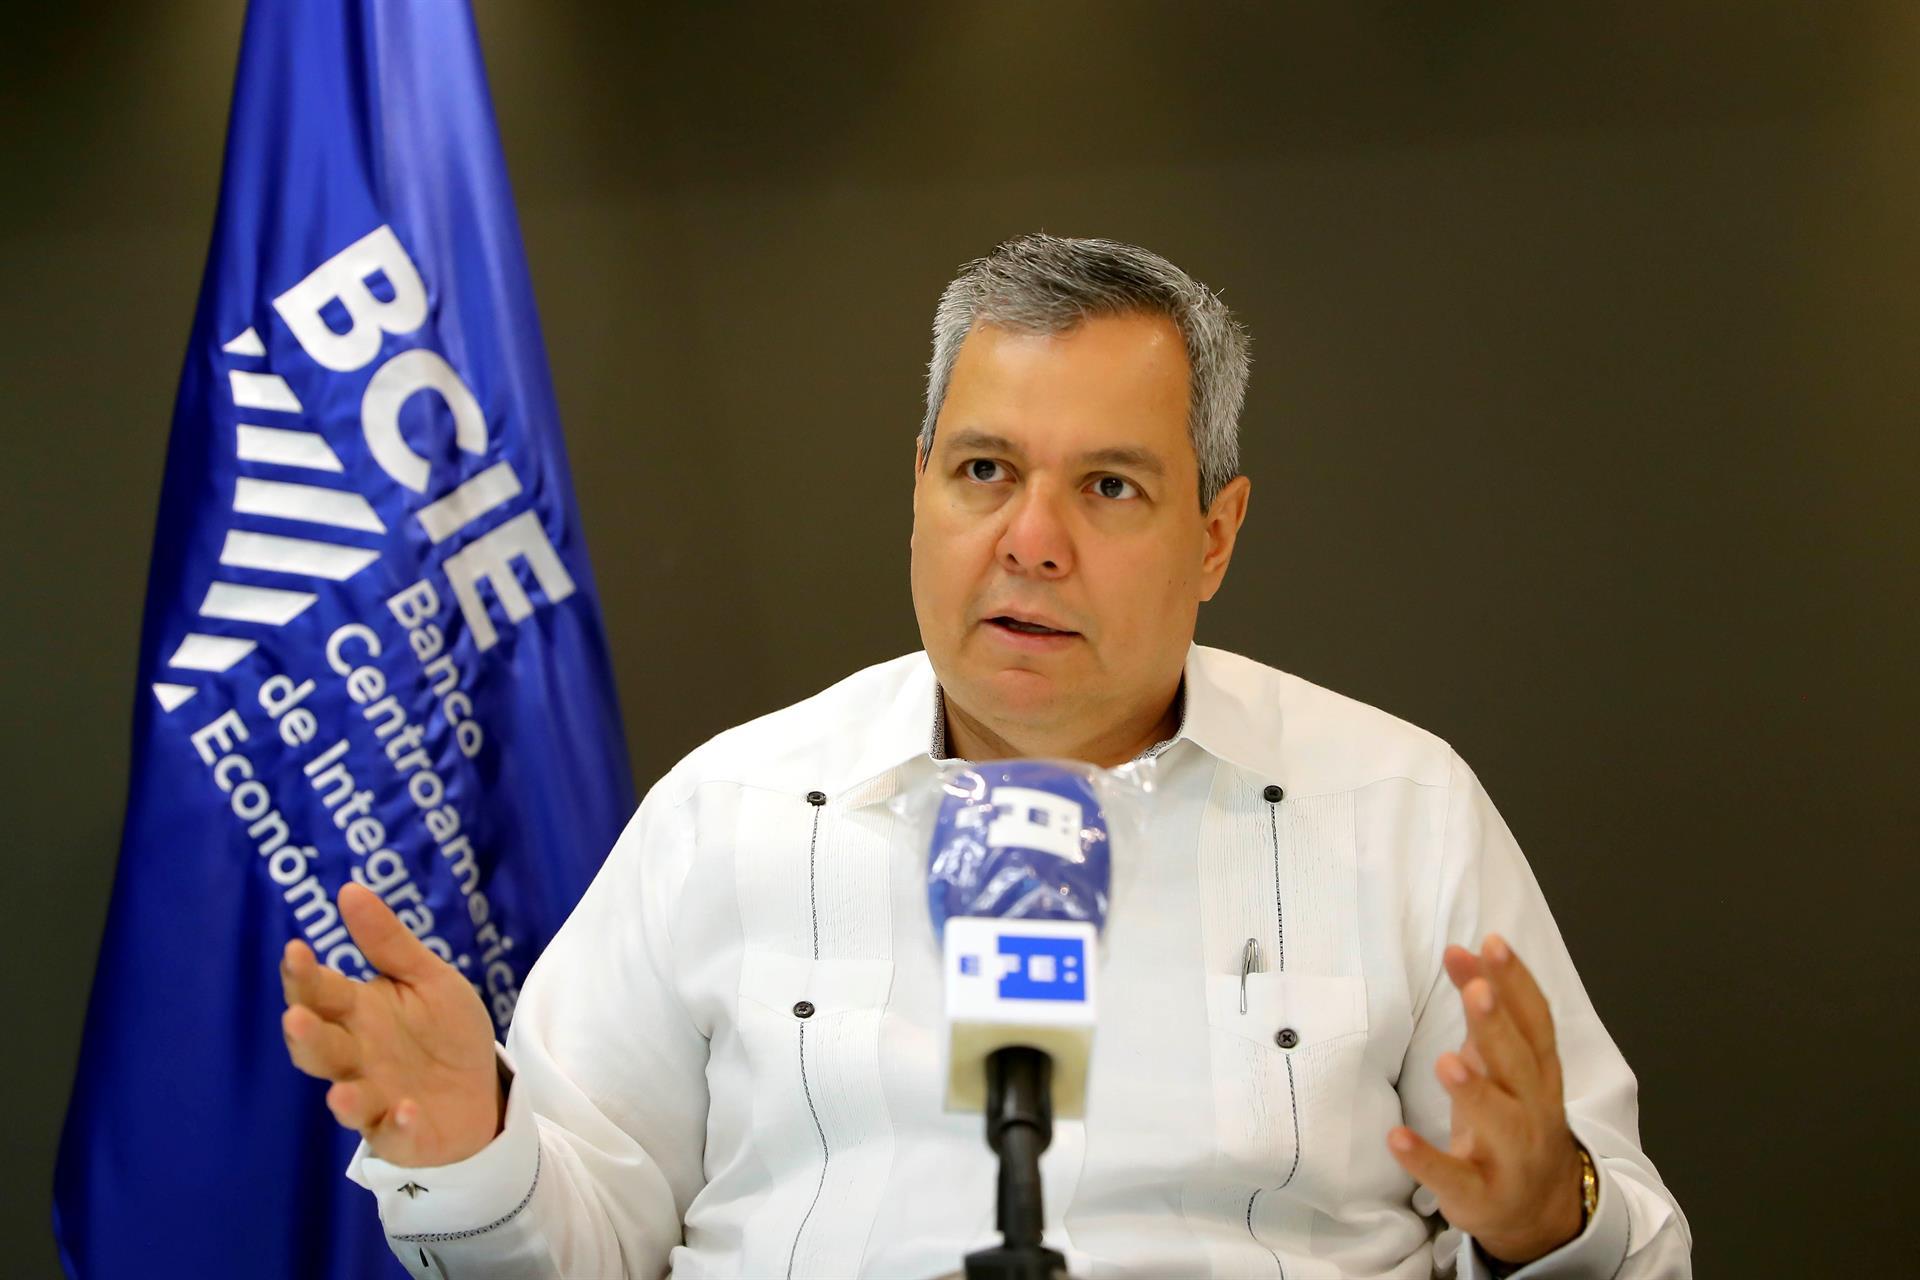 El presidente Ejecutivo del Banco Centroamericano de Integración Económica (BCIE), Dante Mossi Reyes, habla durante una entrevista con Efe sobre la 61 Asamblea de Gobernadores del Banco Centroamericano de Integración Económica (BCIE), el 01 de septiembre de 2021, en Tegucigalpa (Honduras). EFE/ Gustavo Amador